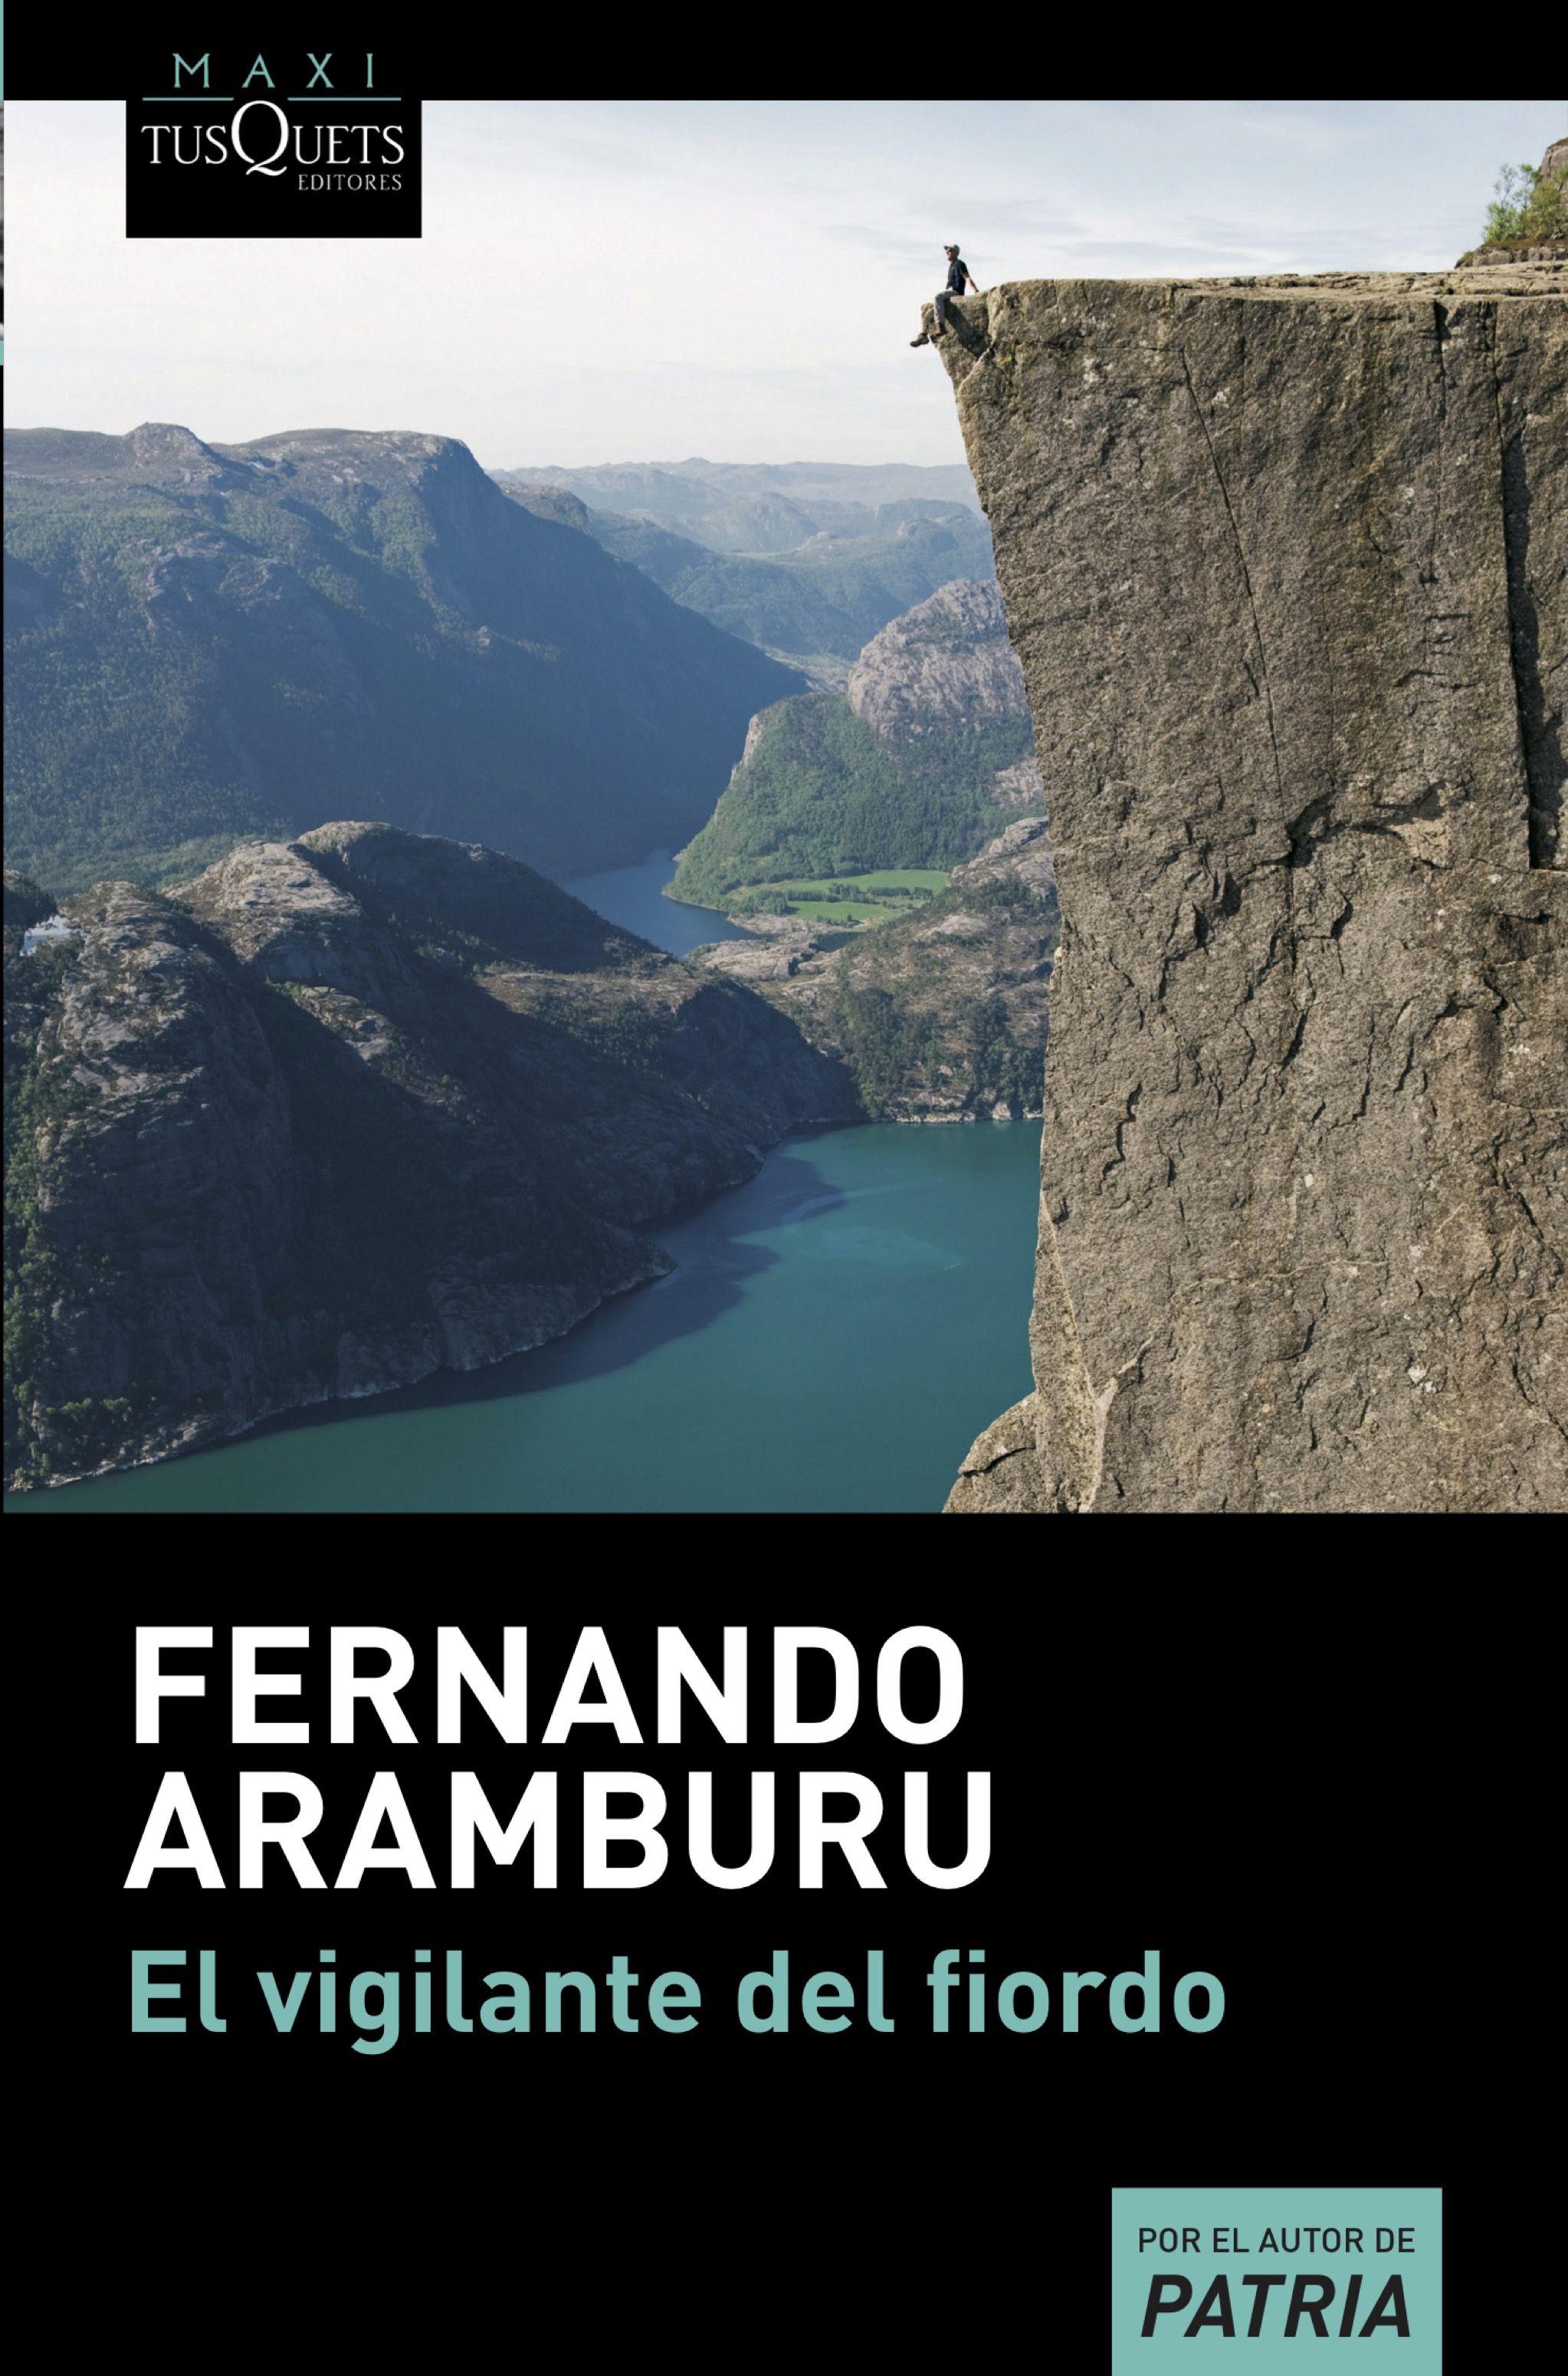 El Vigilante del Fiordo - Fernando Aramburu - Tusquets